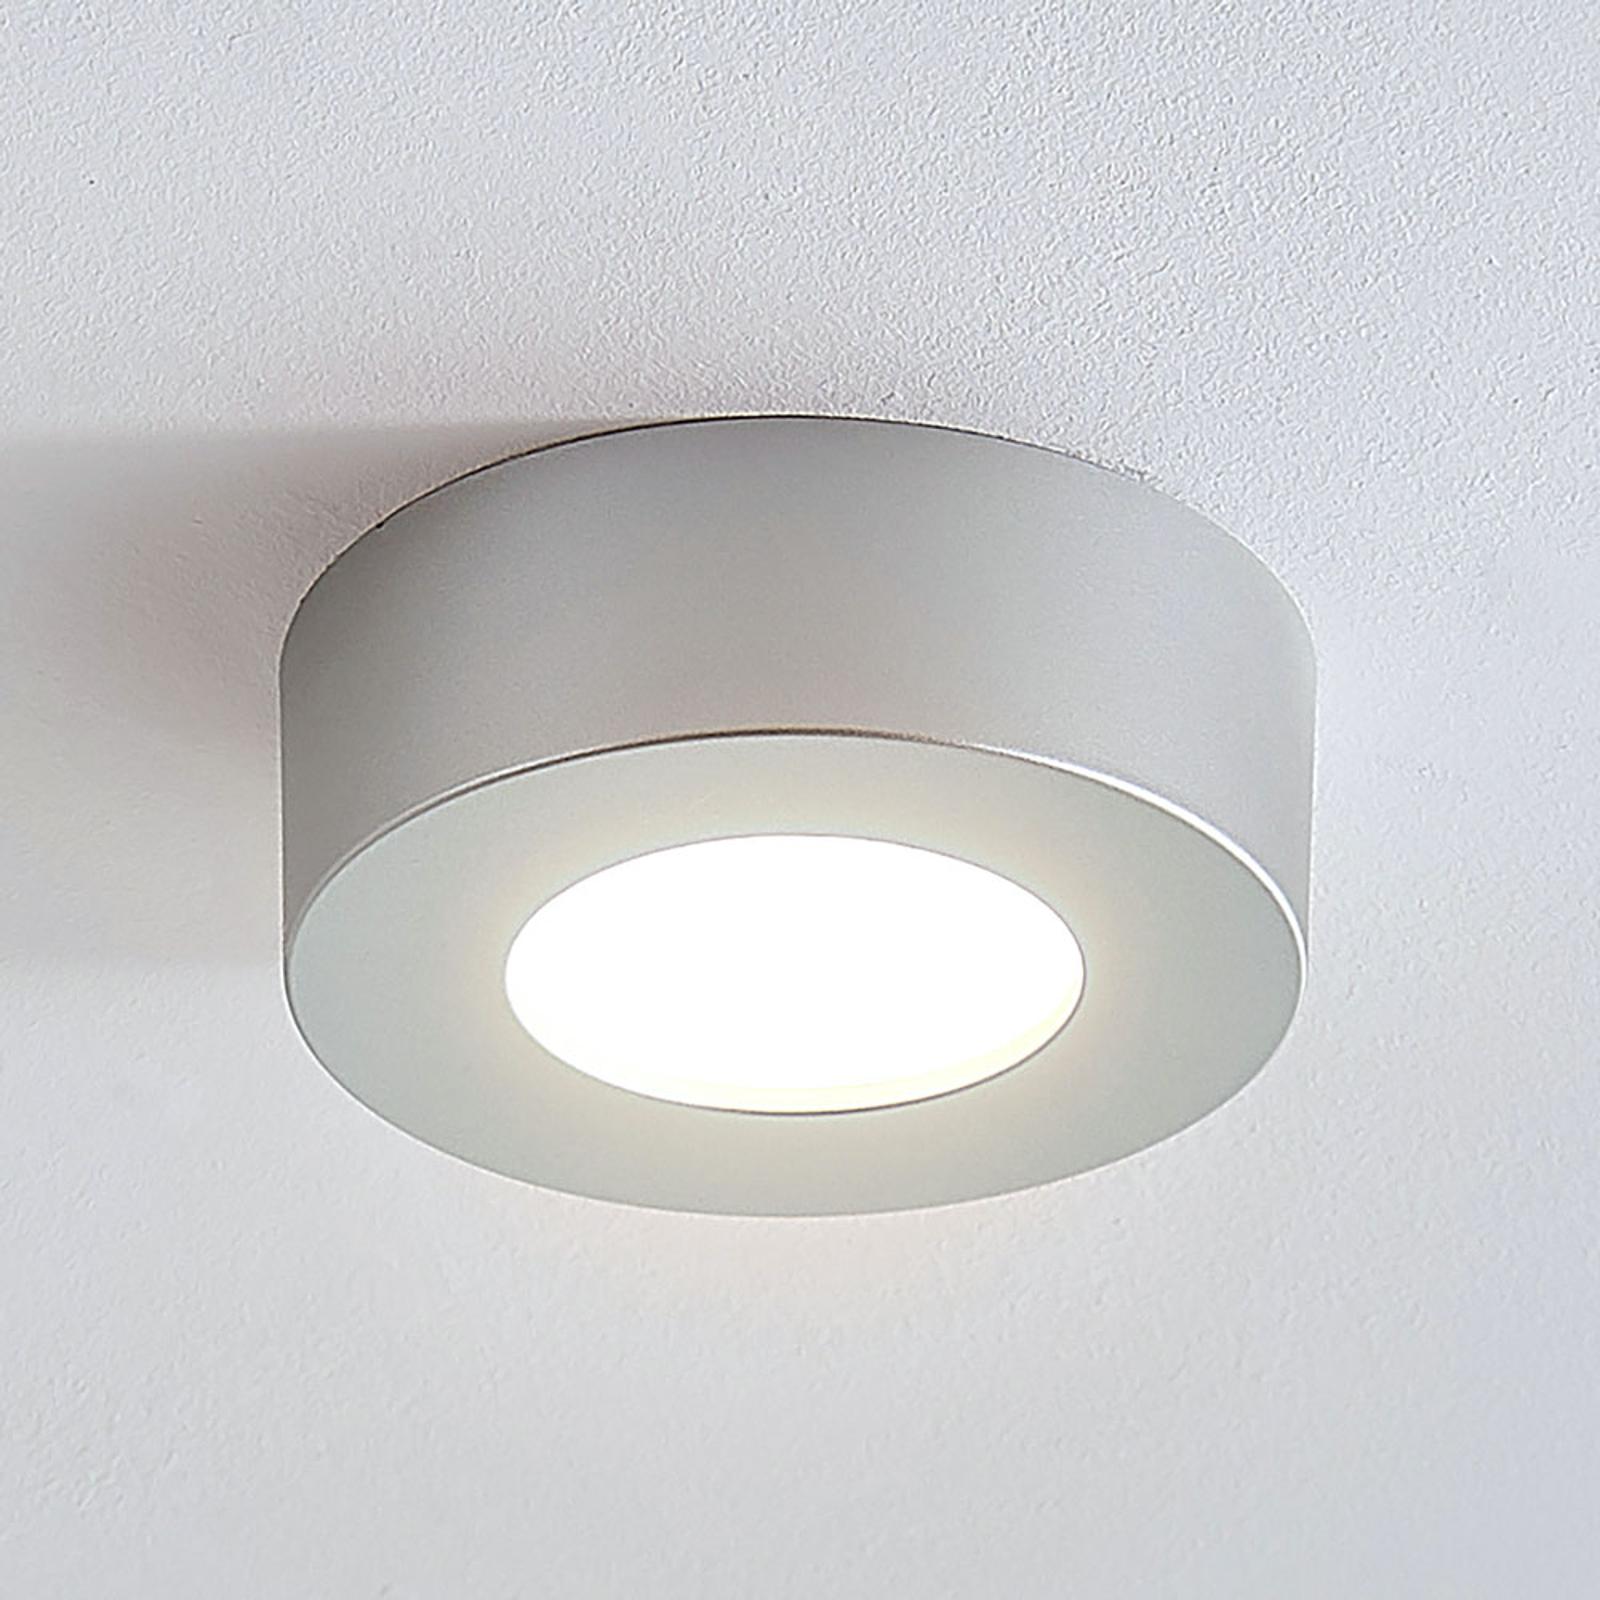 Plafonnier LED Marlo argenté 3000K rond 12,8cm